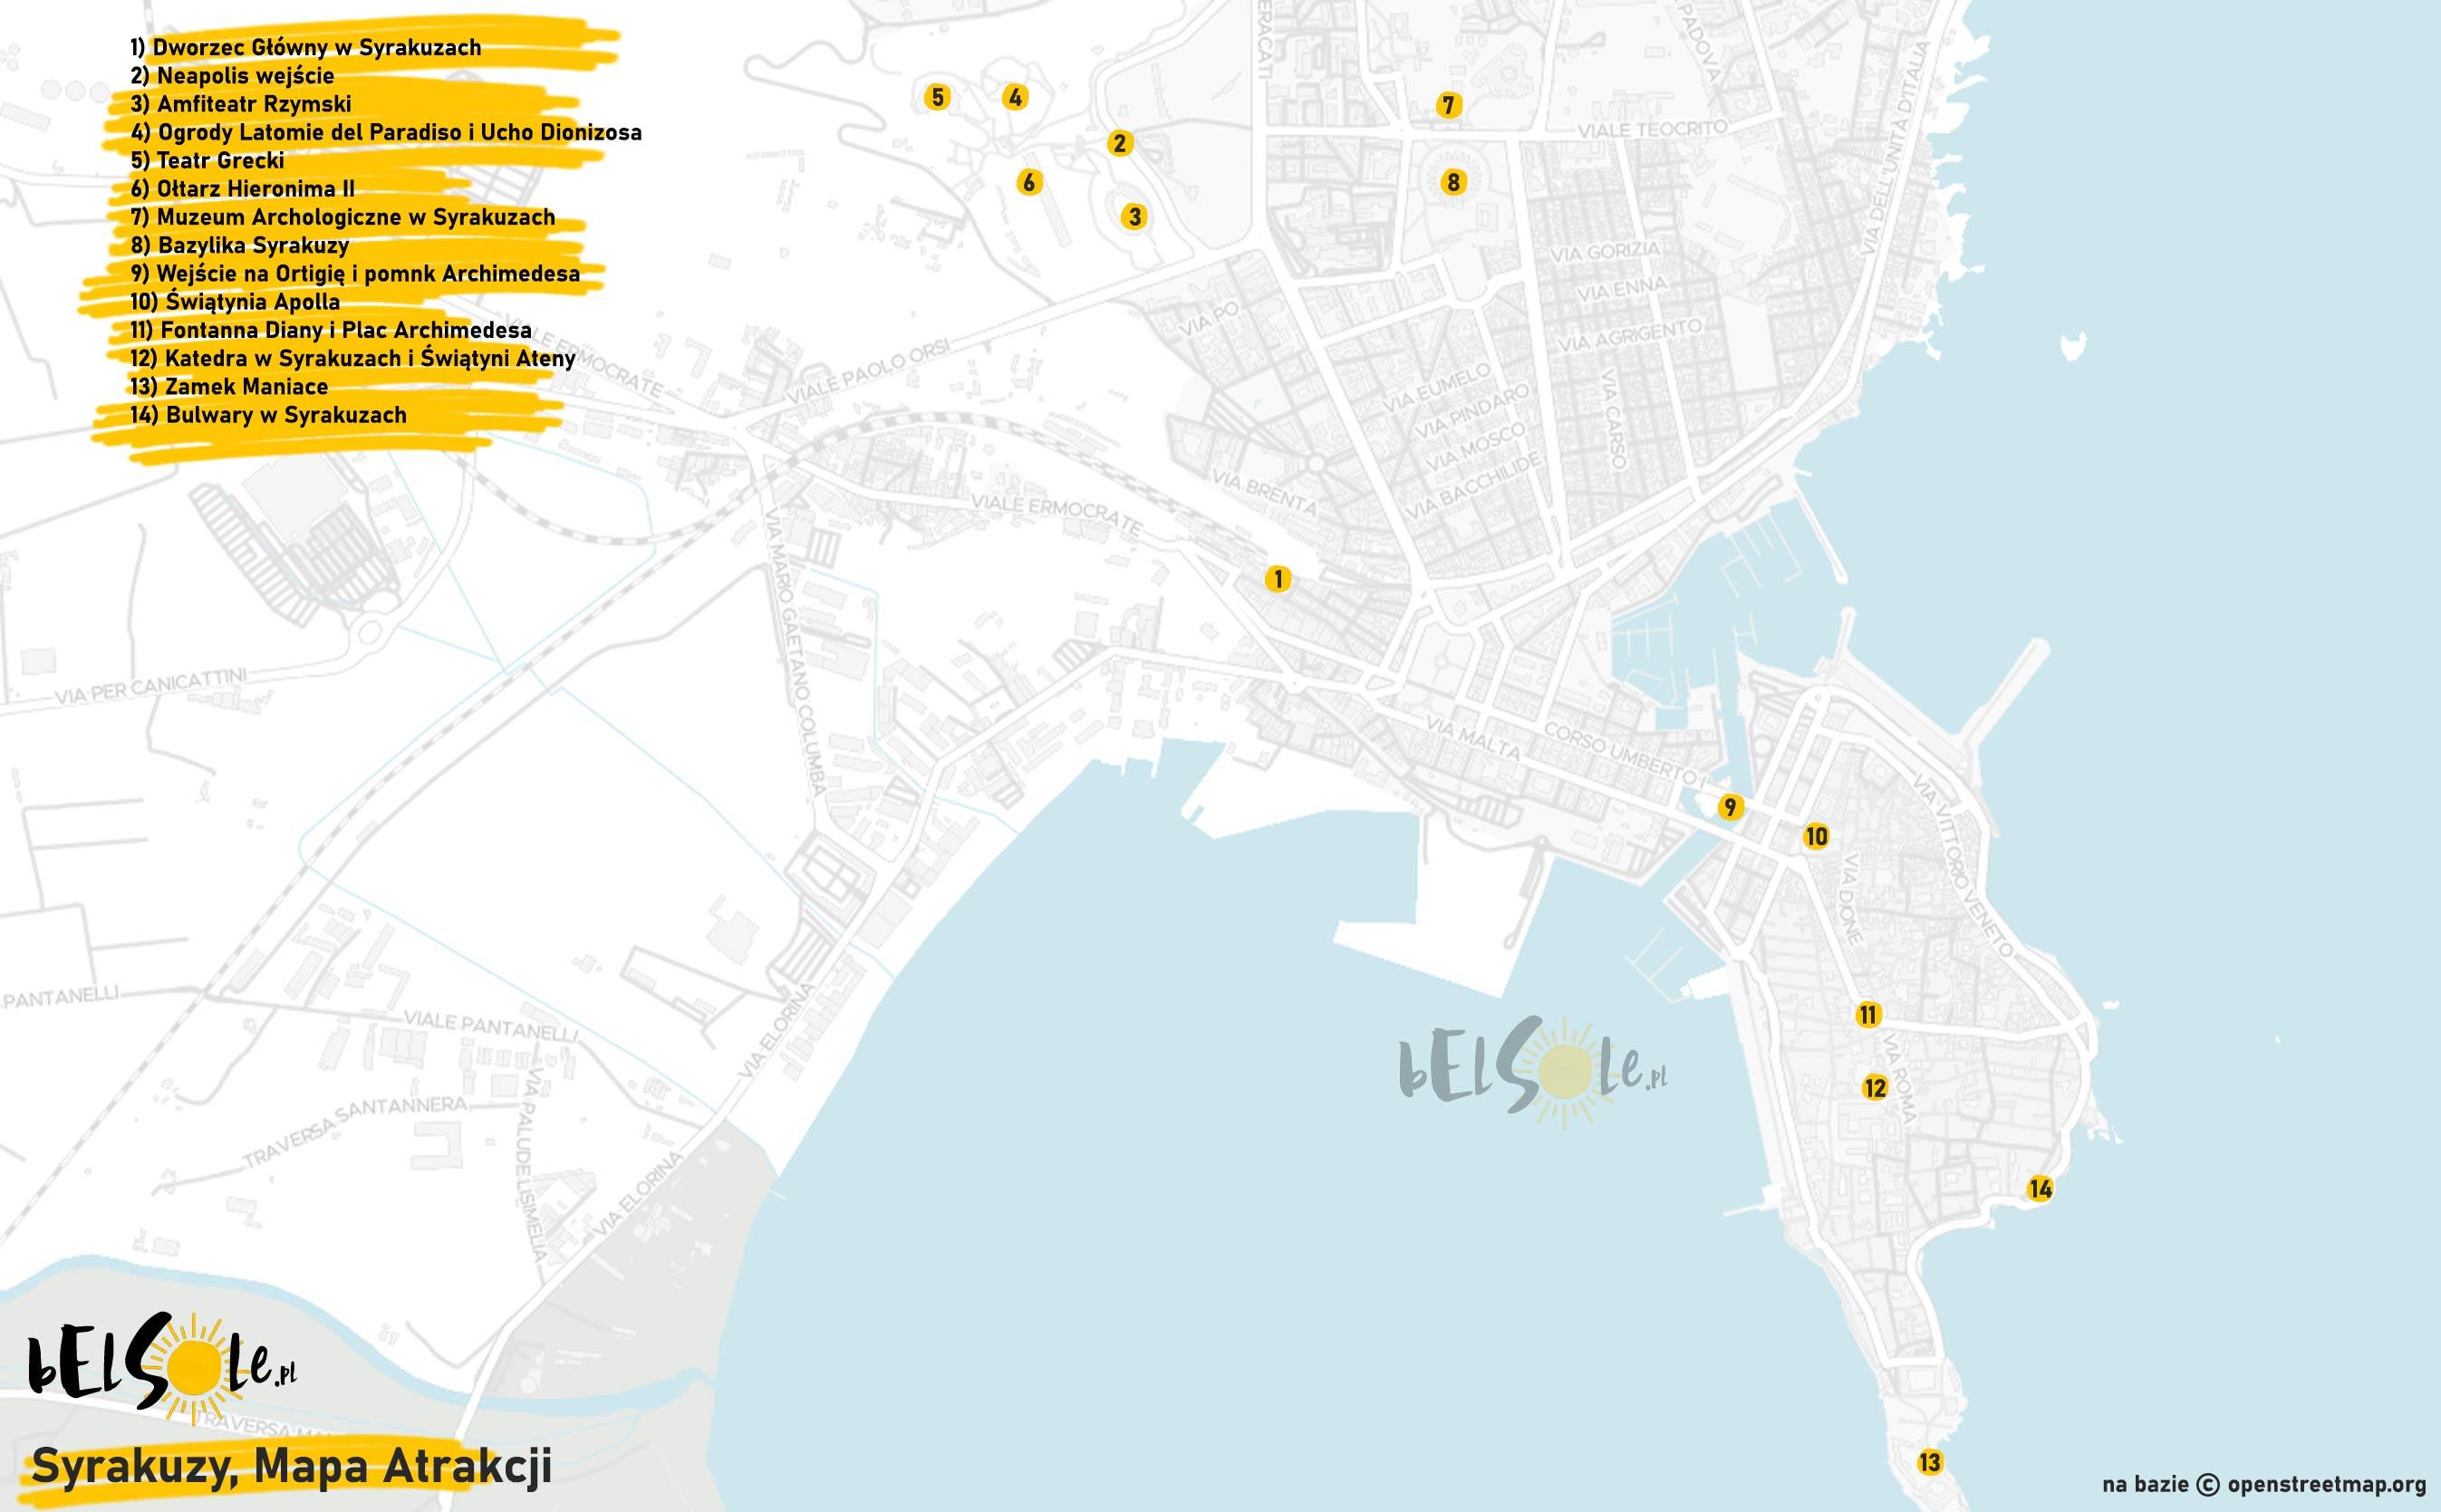 atrakcje syrakuzy mapa